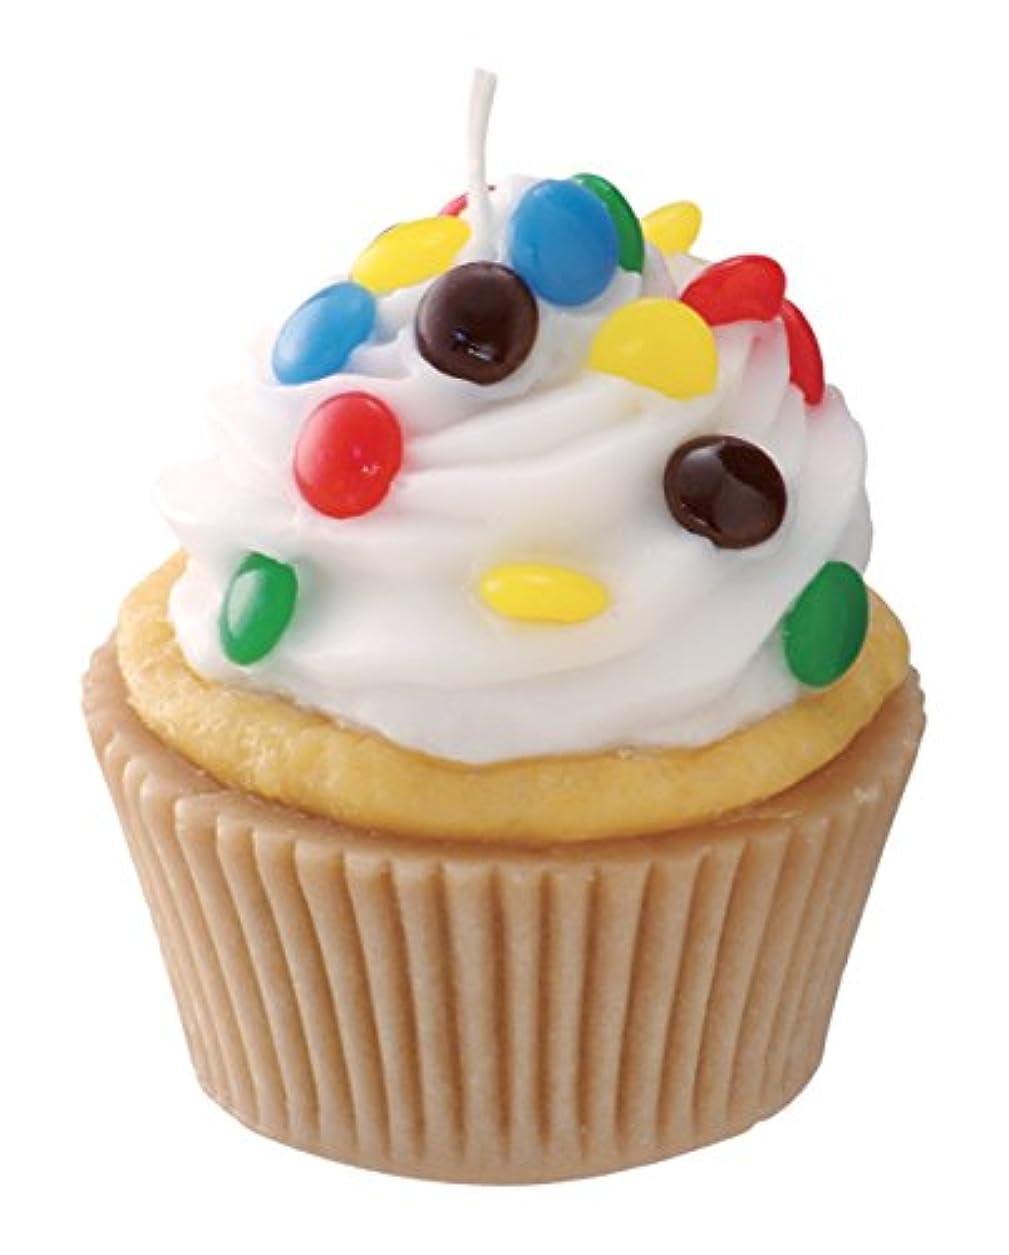 崇拝します上陸周波数カメヤマキャンドルハウス 本物そっくり! アメリカンカップケーキキャンドル ホワイトクリーム チョコレートの香り